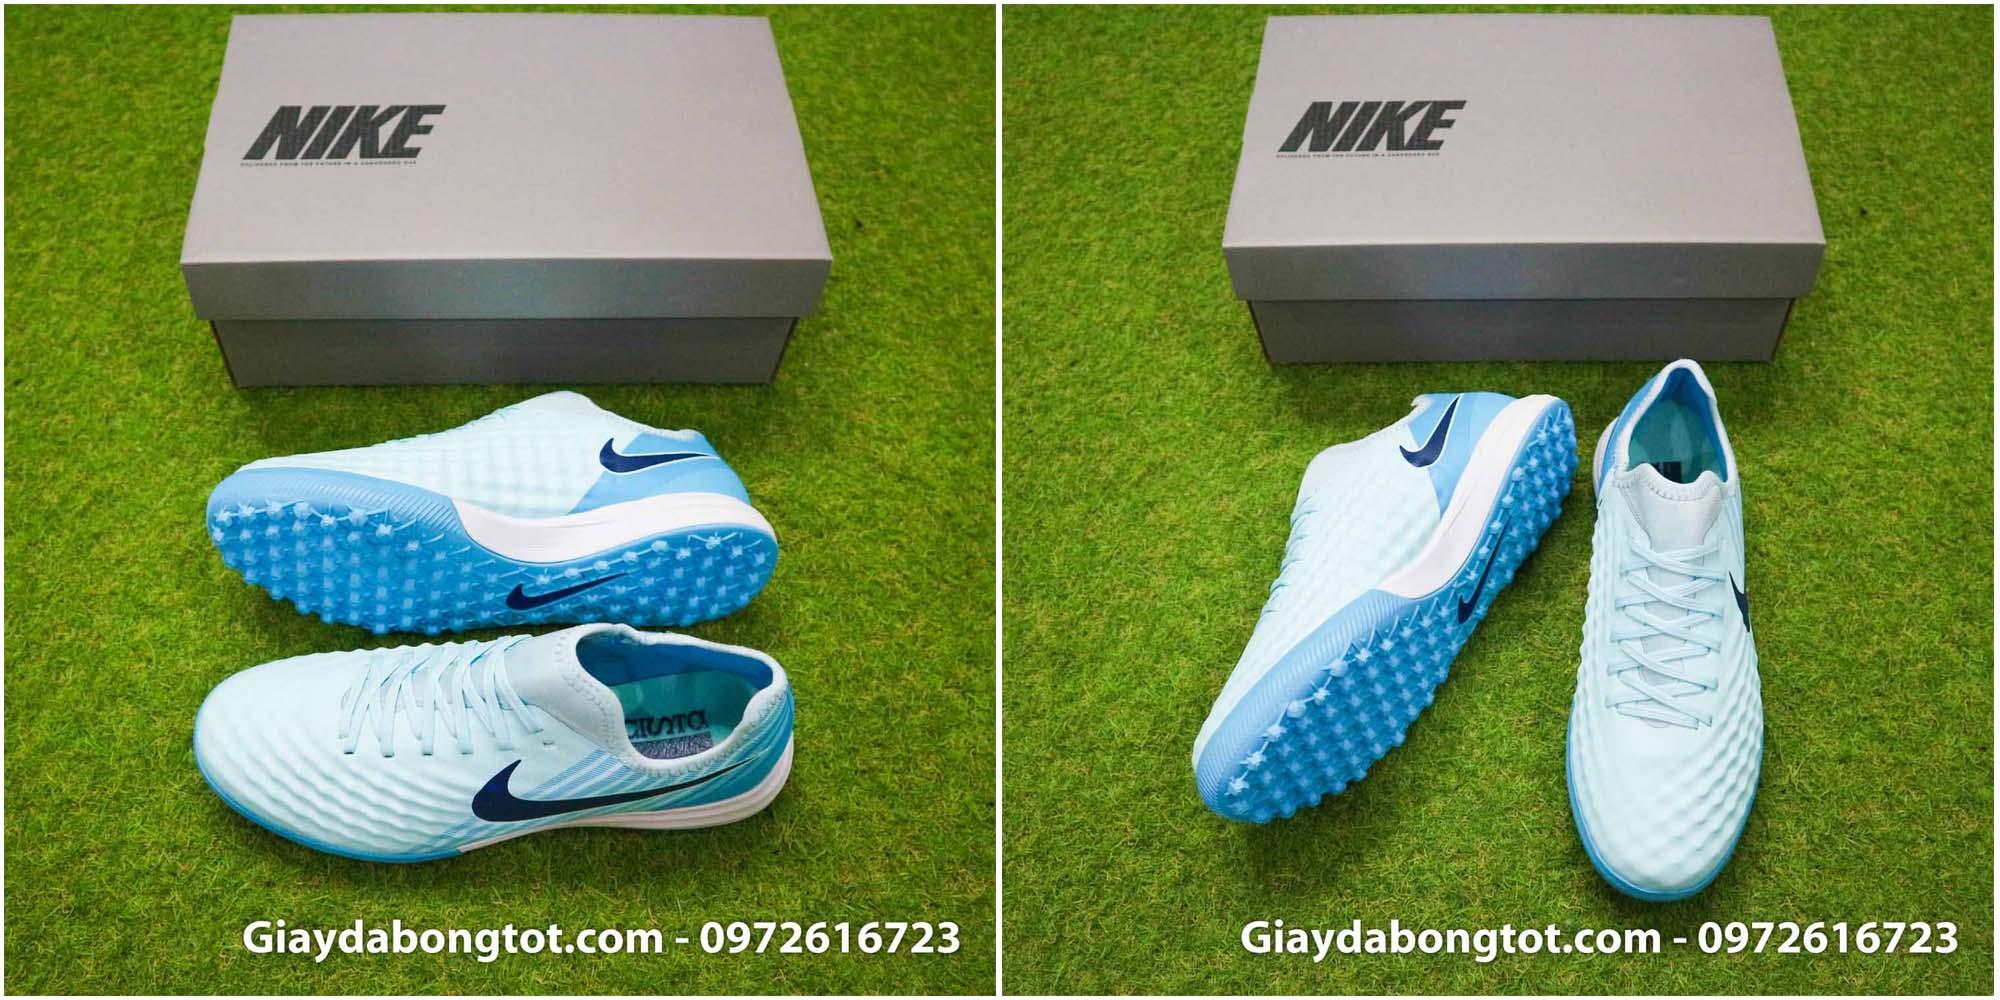 Giày bóng đá Nike Magista X Finale II TF có chất da chống nước